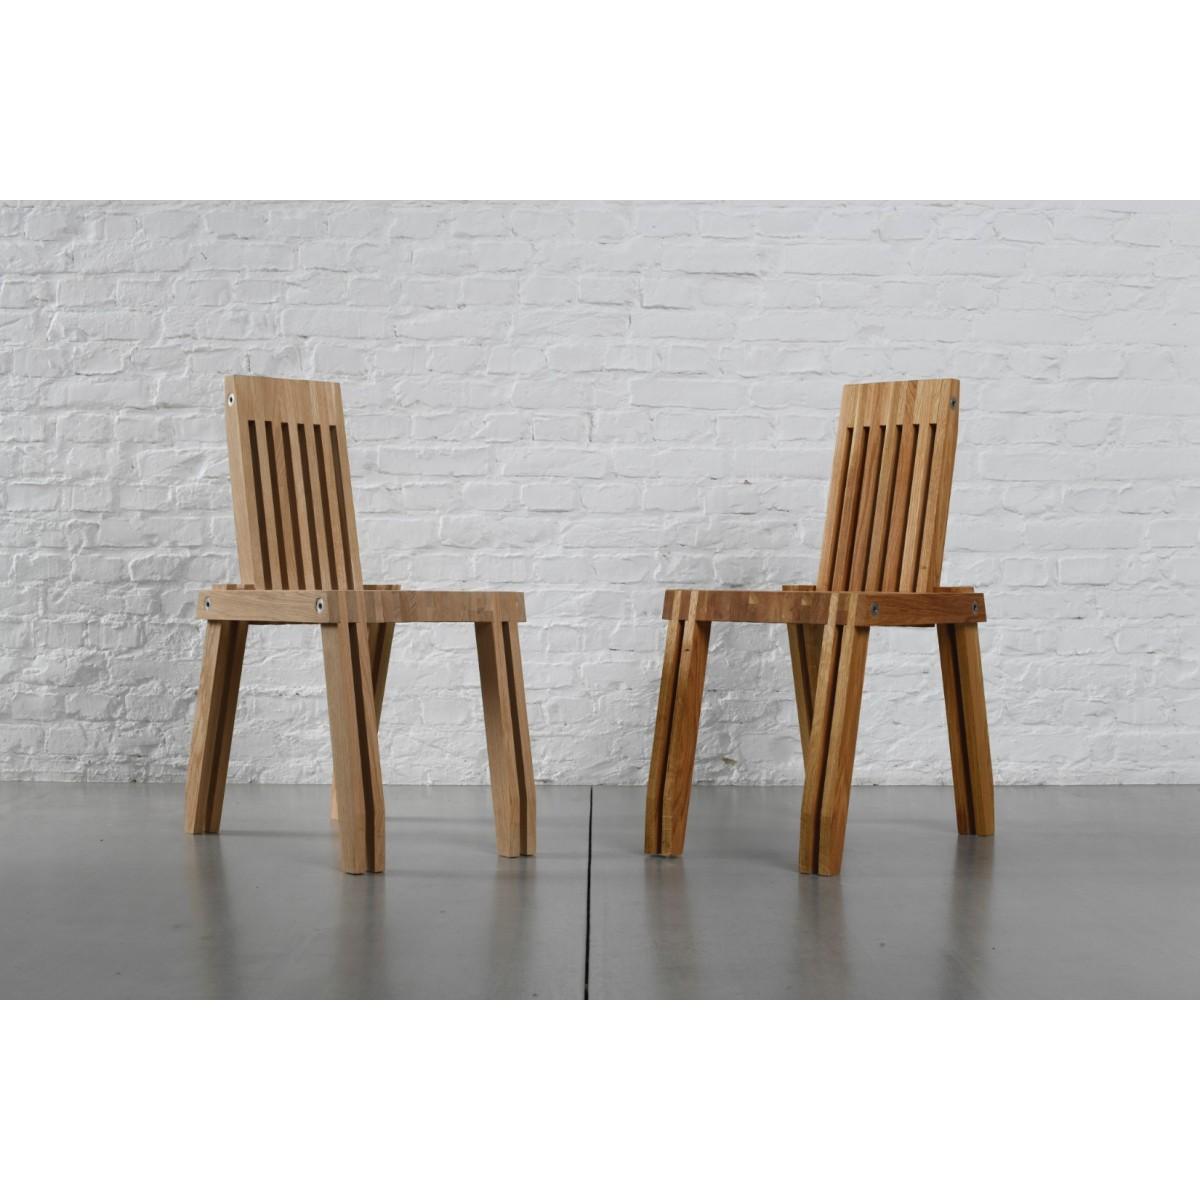 Tidyboy 'Shadow Catcher' Stuhl aus Eichenholz